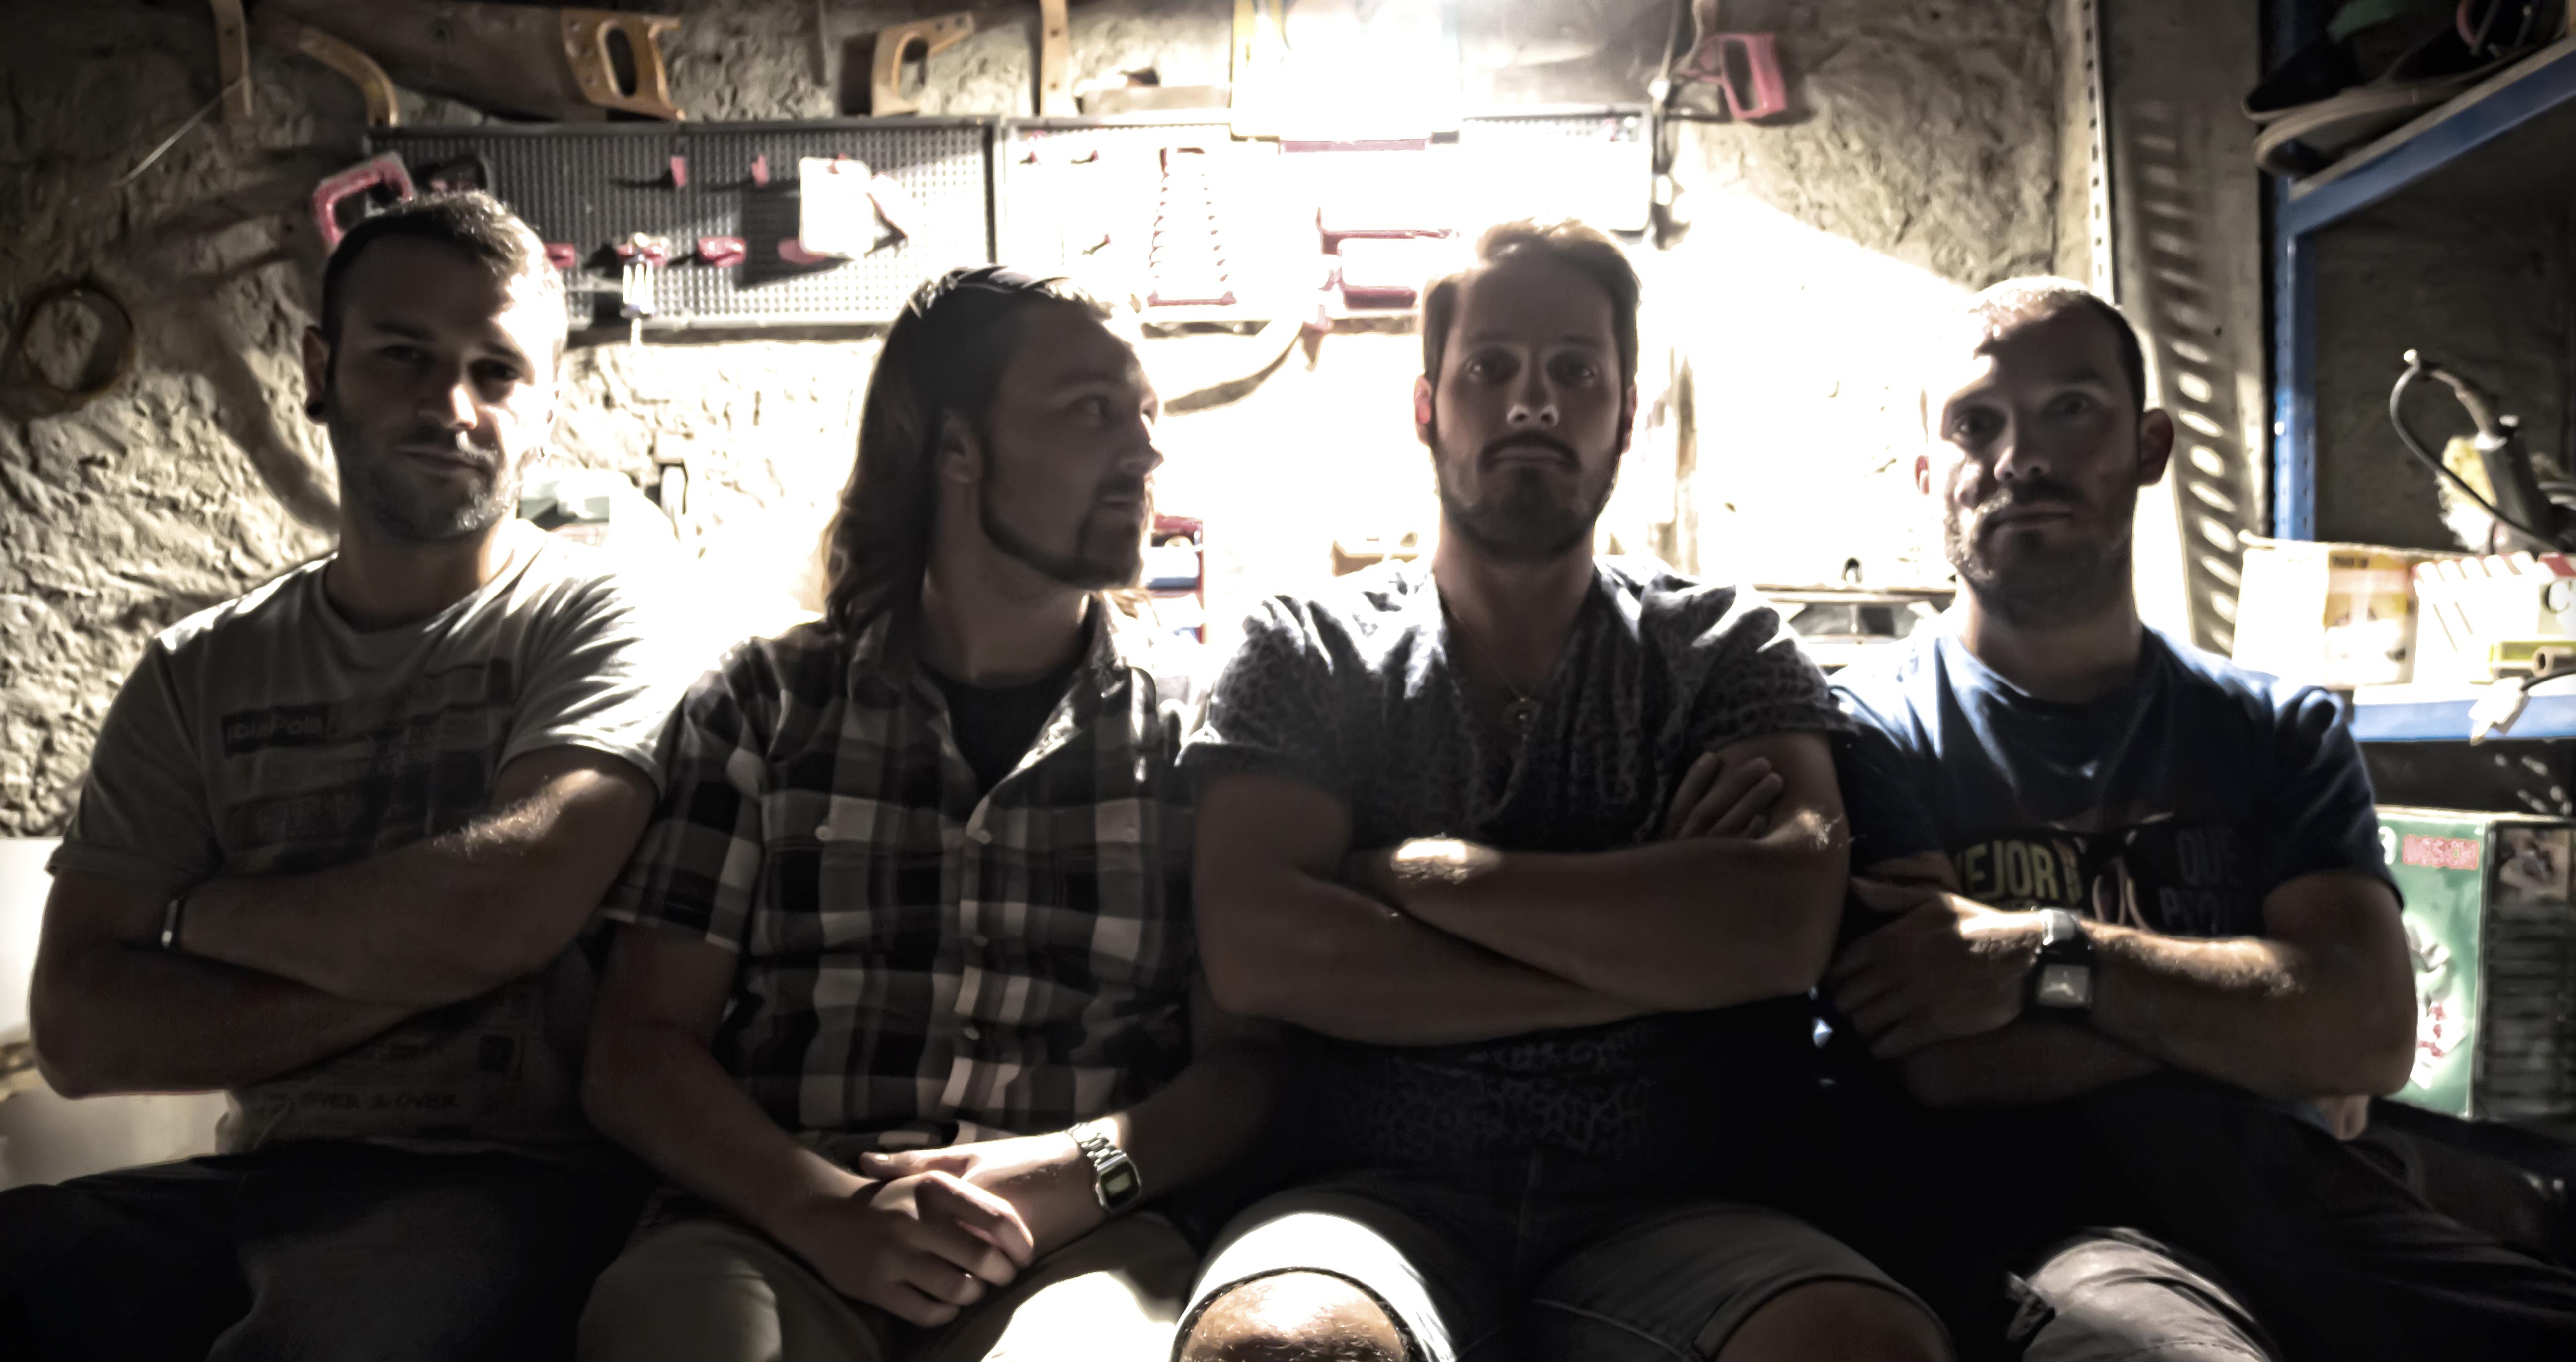 Machina elegidos como mejor banda de metal en los premios de la música Galicia 2013